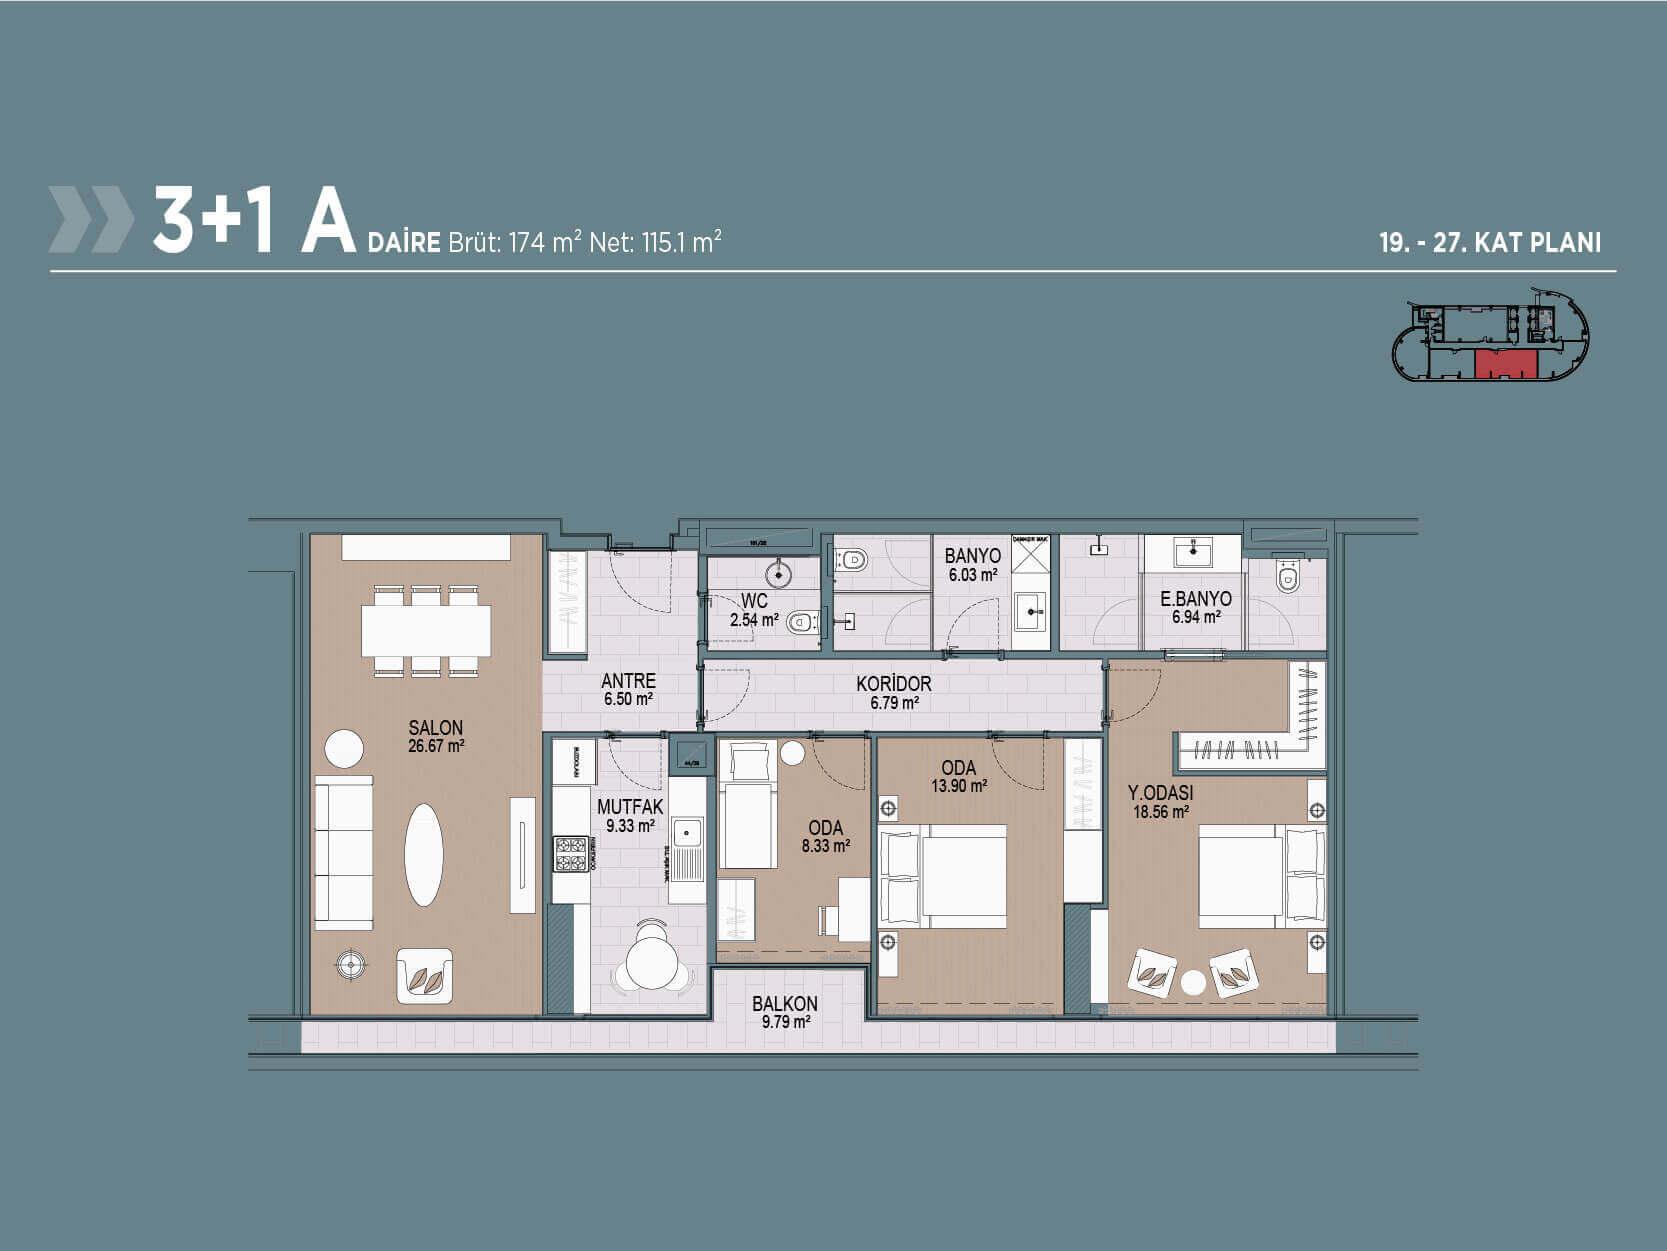 3+1 Floor Plan